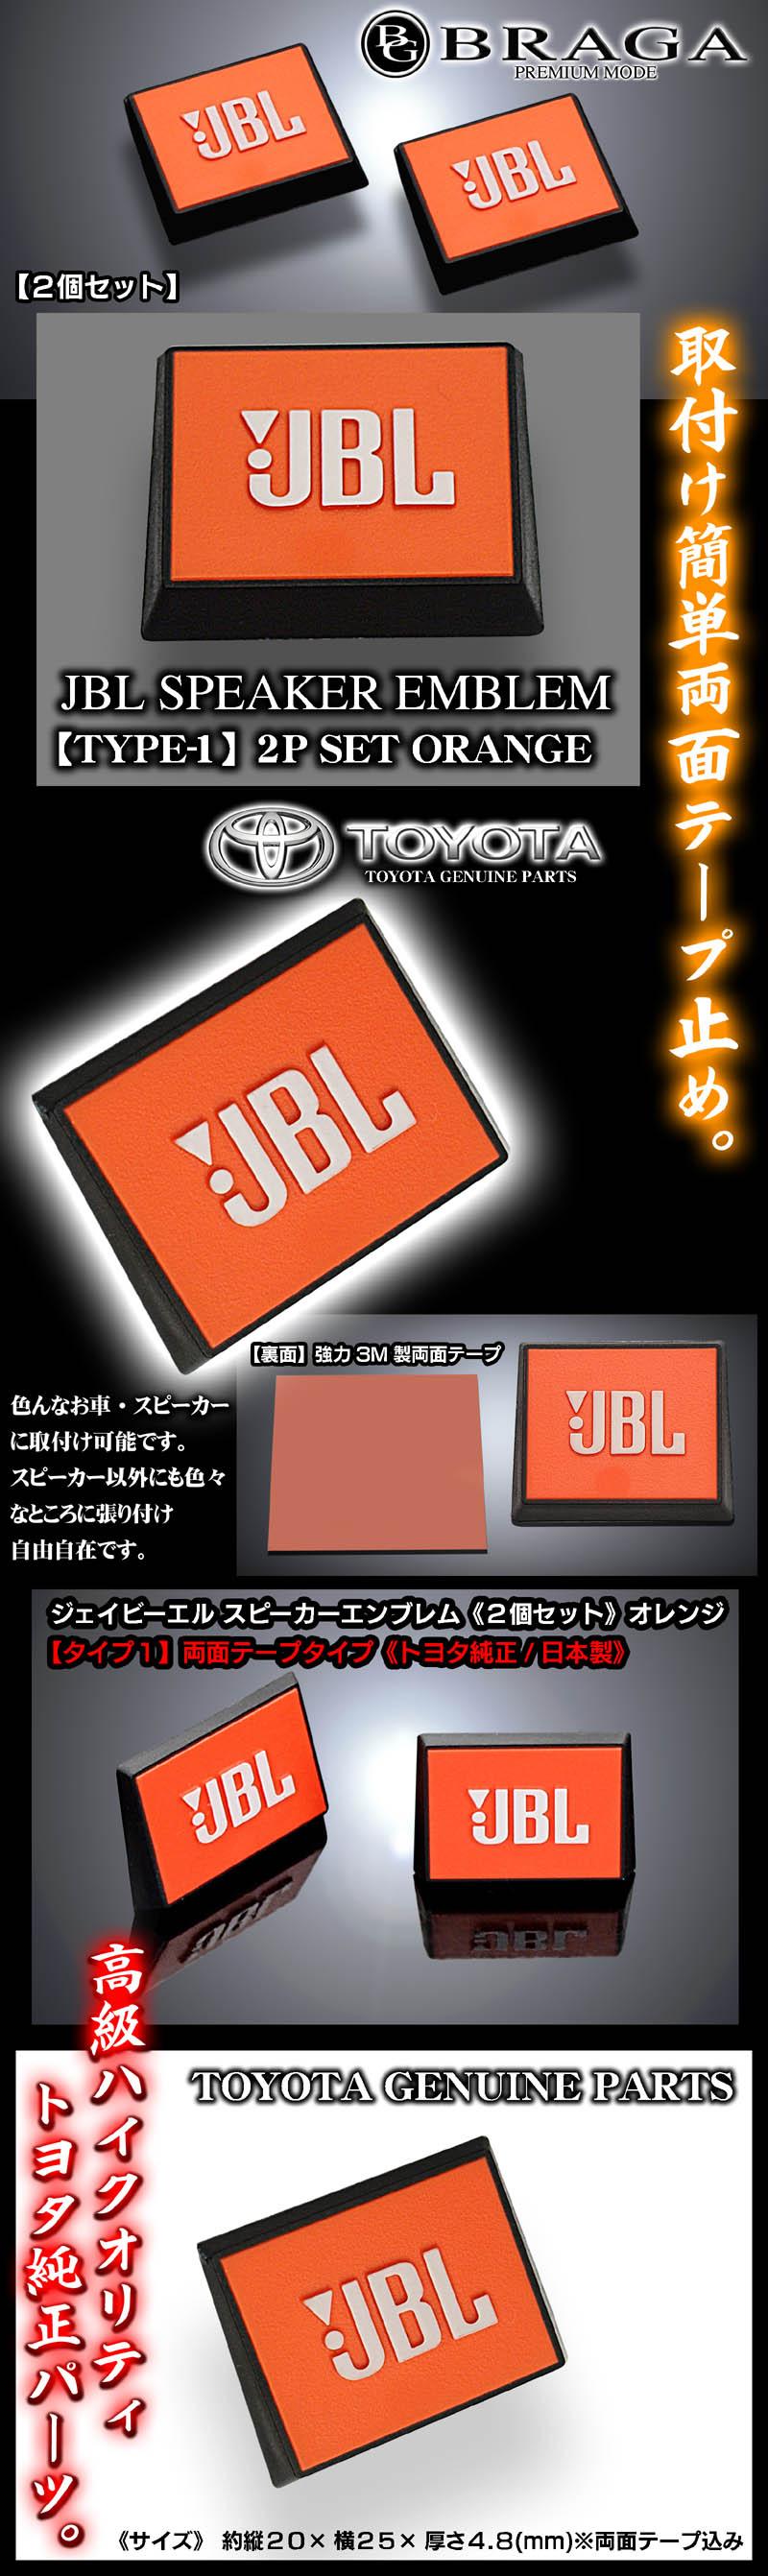 トヨタ純正《JBL/オレンジ》ジェイビーエル スピーカーエンブレムプレート《タイプ1》2個【両面テープ止め】ABS樹脂/ブラガ